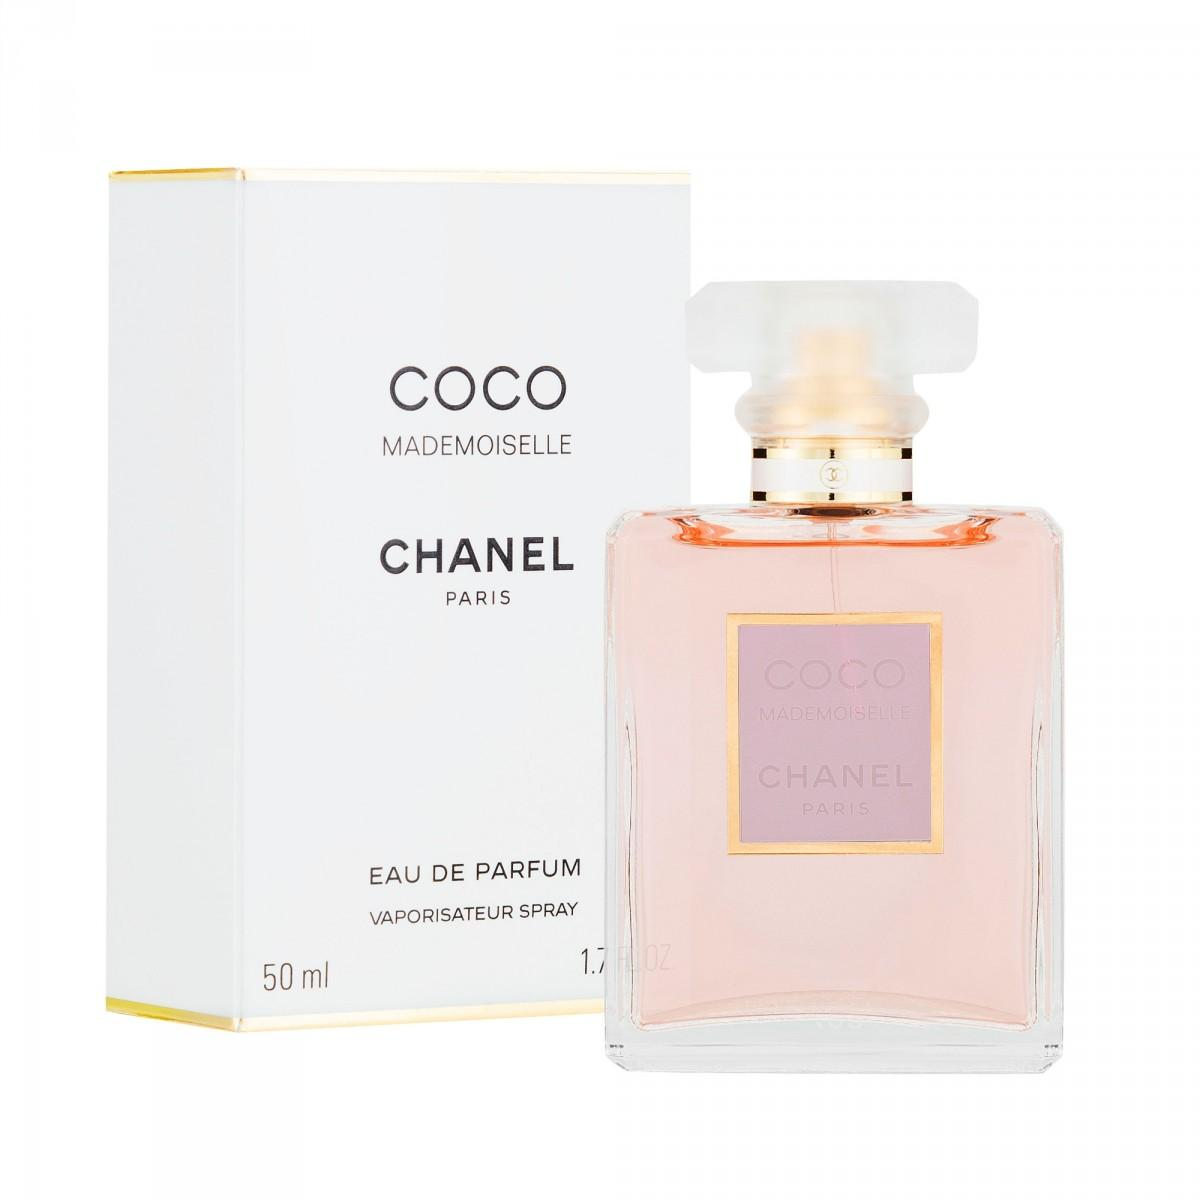 4cbf7a9d76 Coco Mademoiselle. précédent. suivant. Chanel